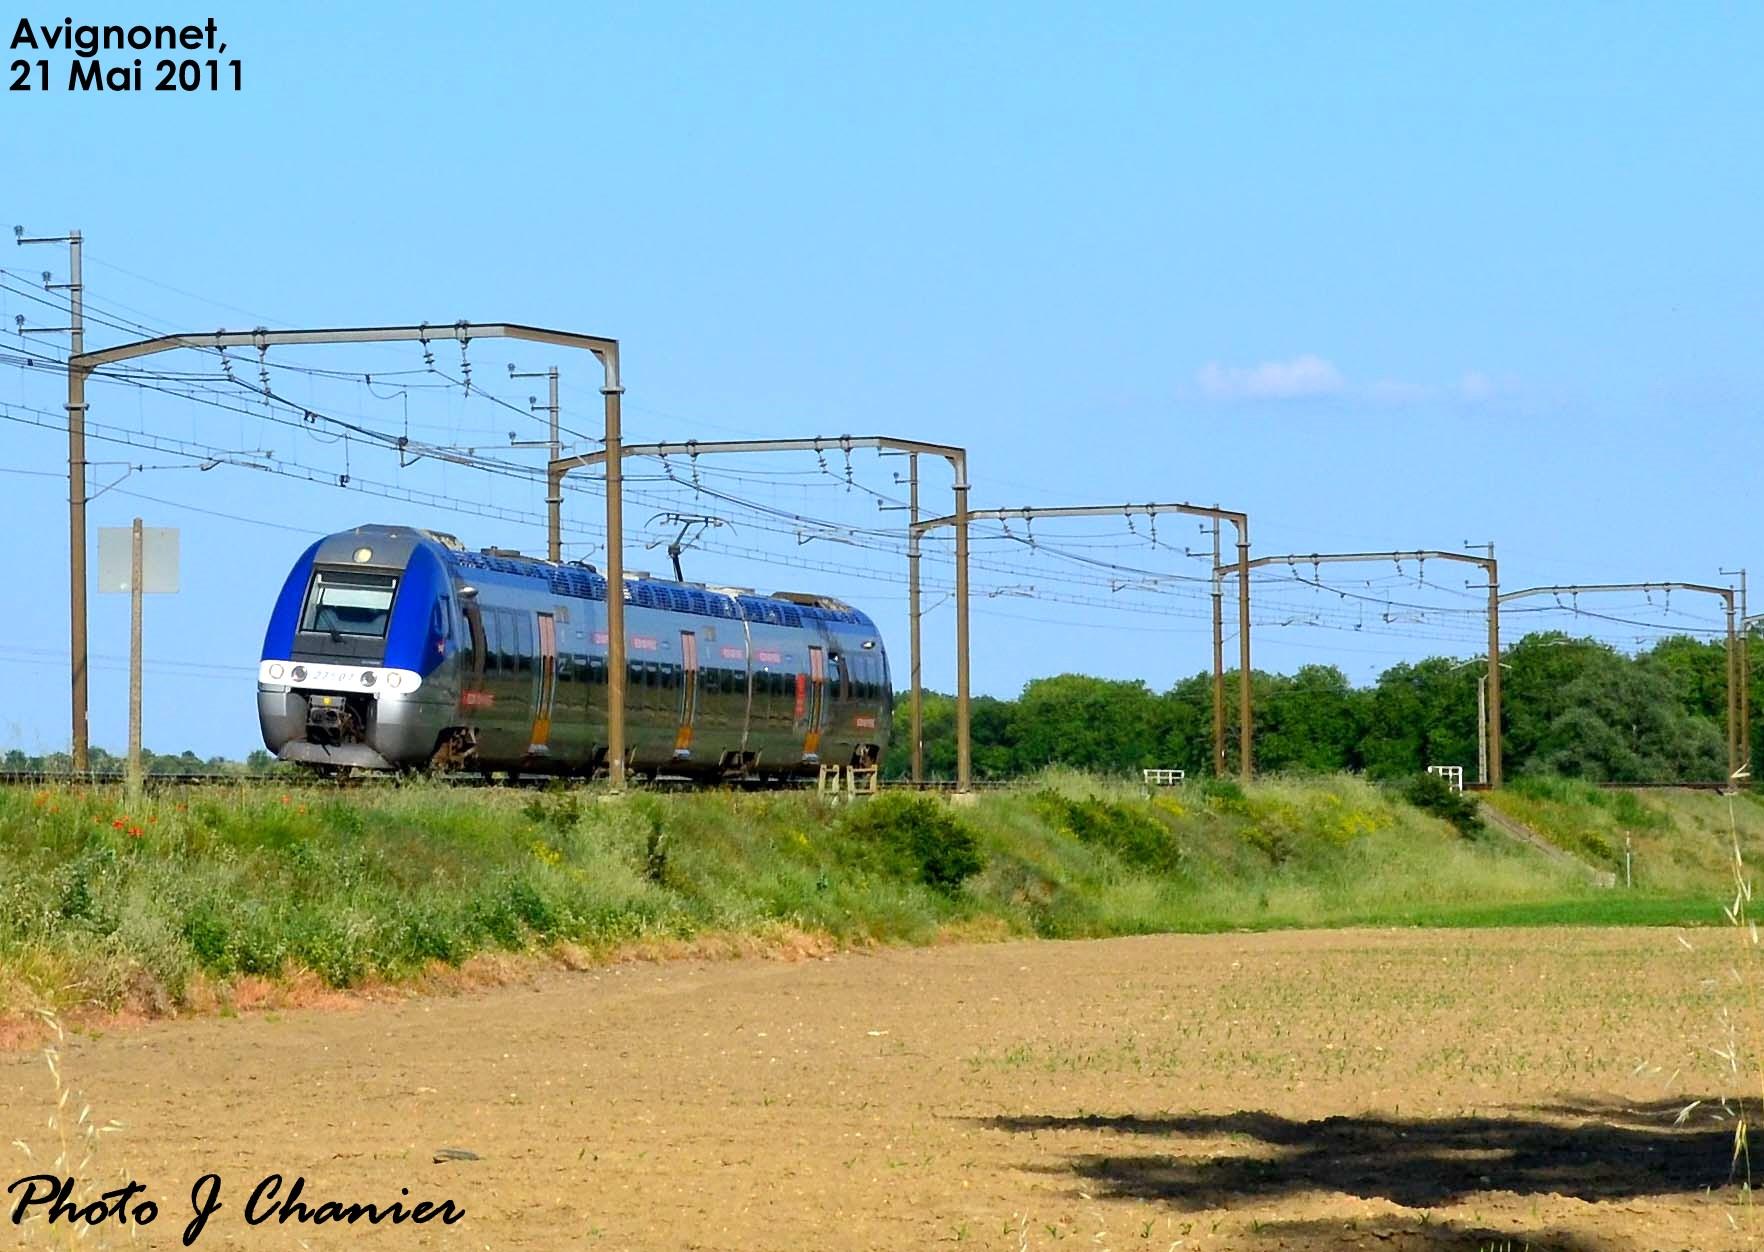 Photos et vidéos de la ligne Bordeaux - Toulouse - Narbonne - Sète (2007-2013) - Page 2 442706CopiedeCHATSLALANDEEGLISEAVIGNONETLAUCASTELNAUDARY449